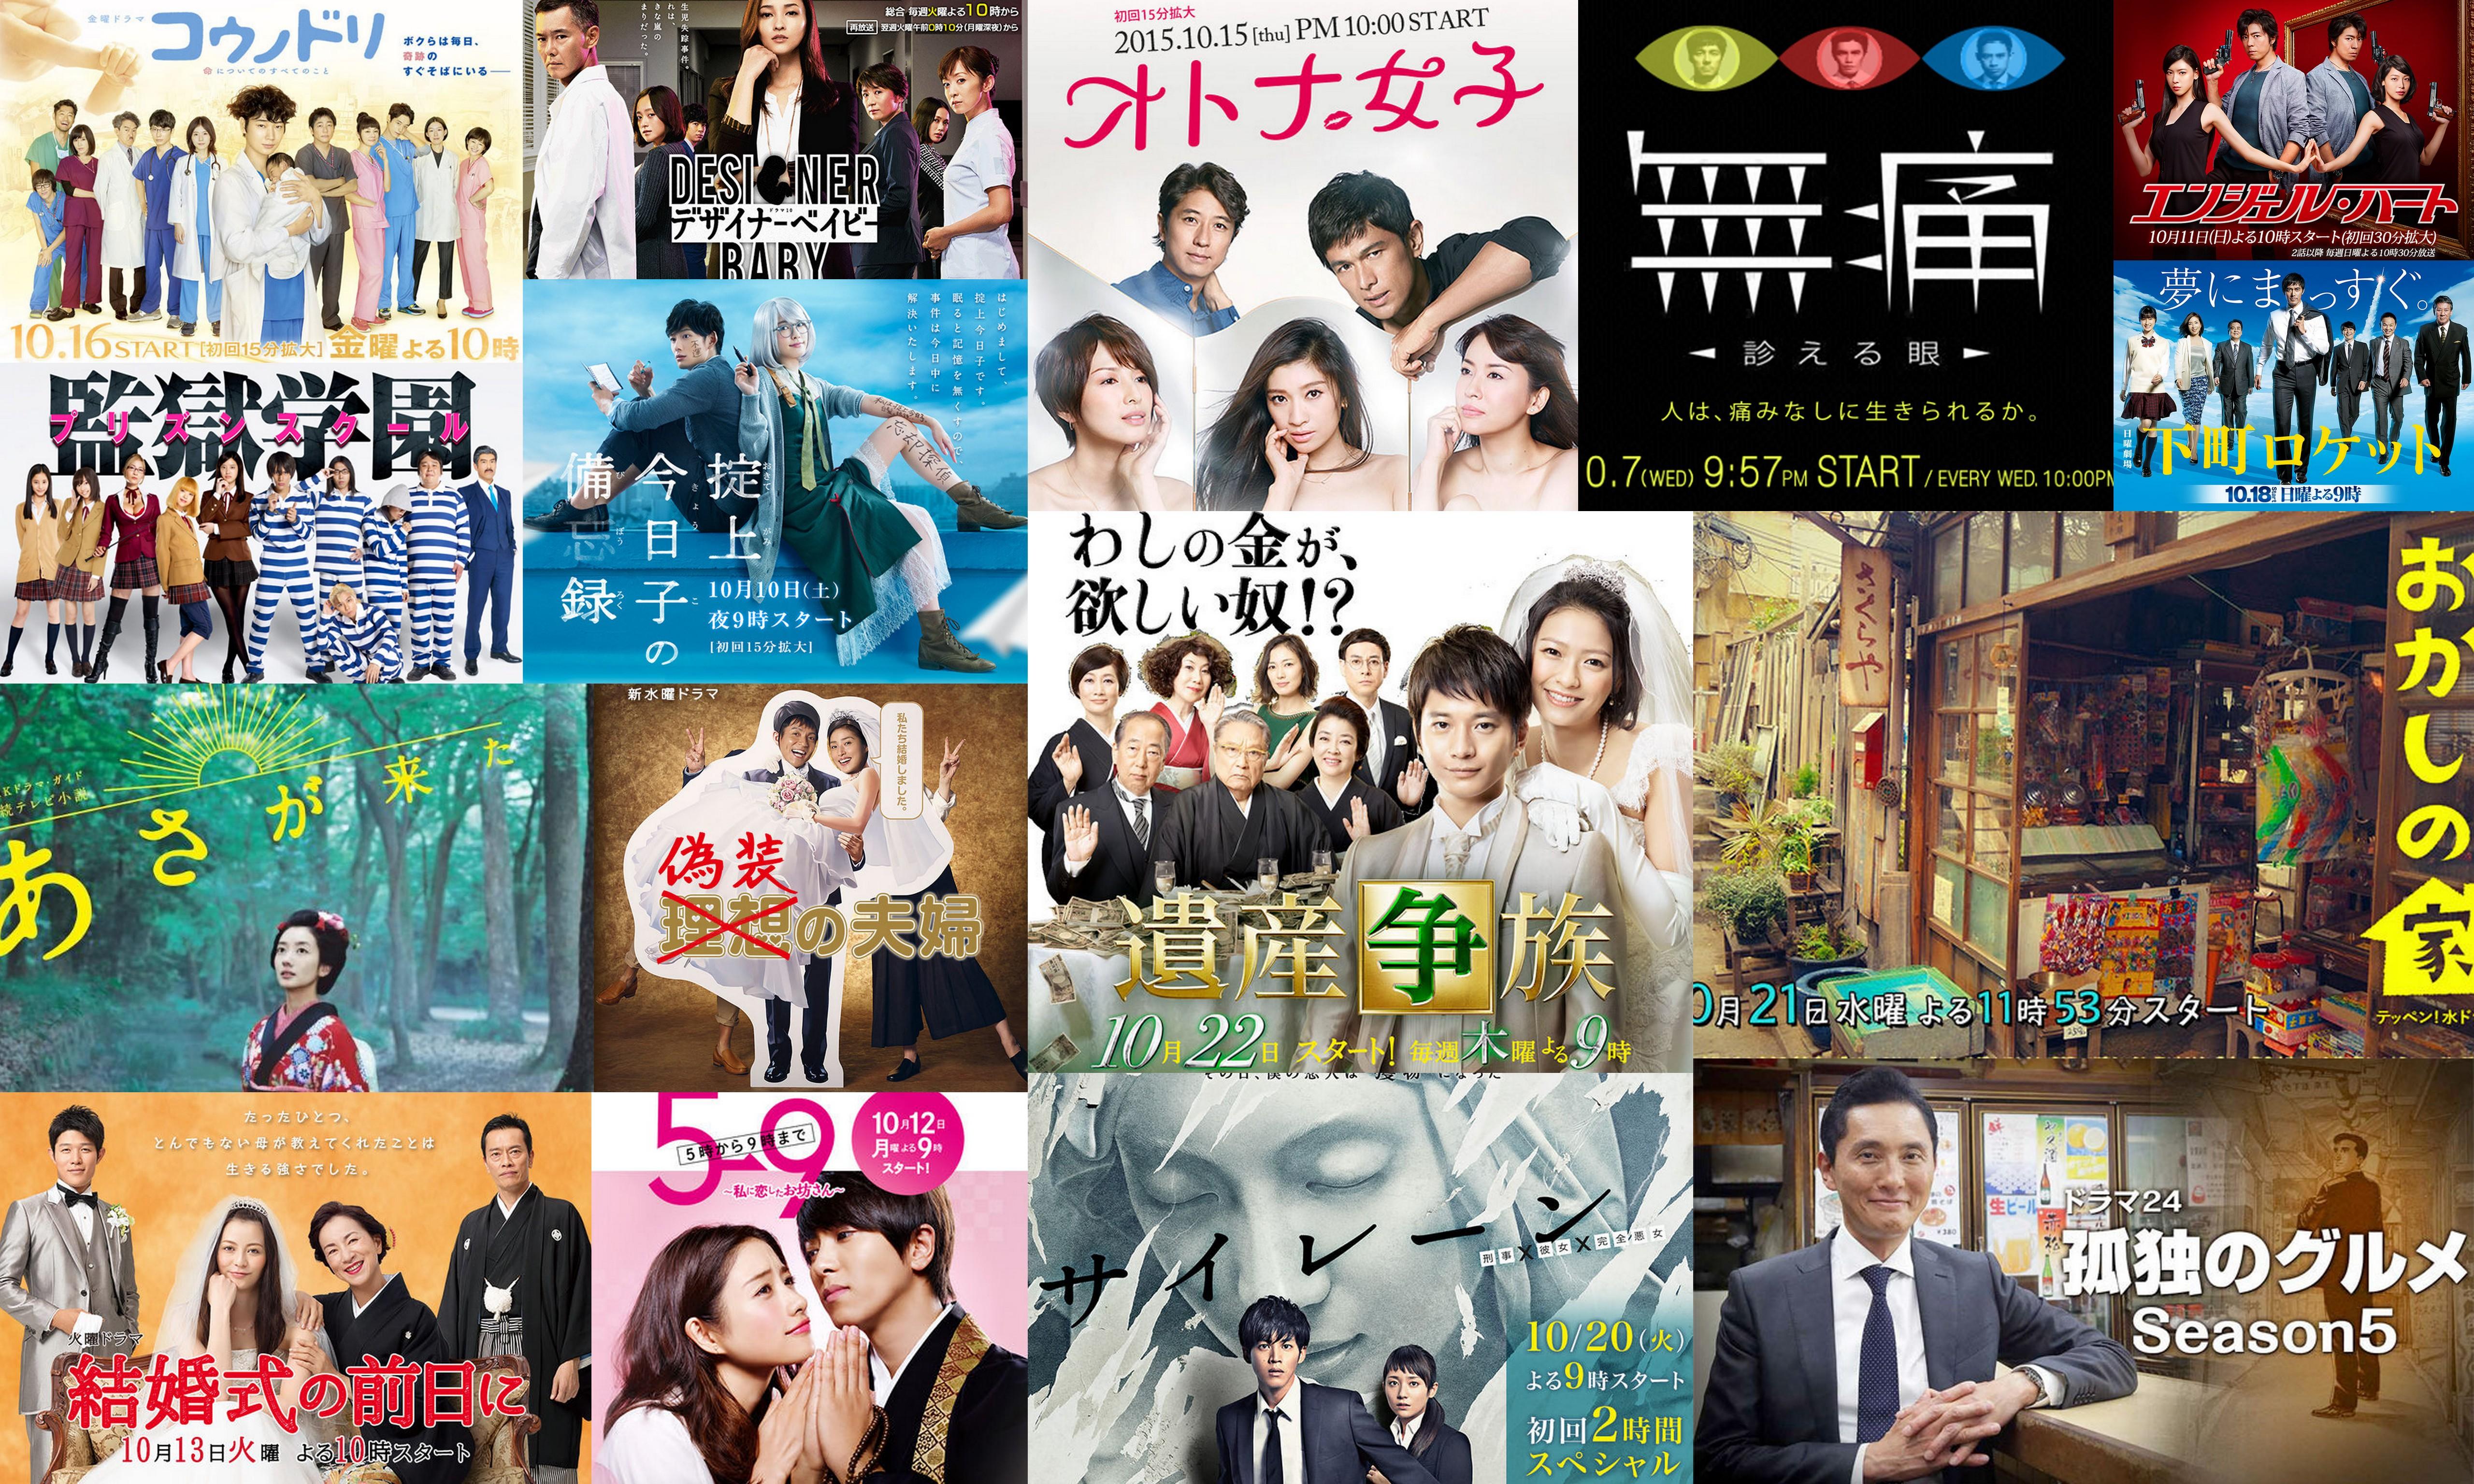 drama japonais automne 2015